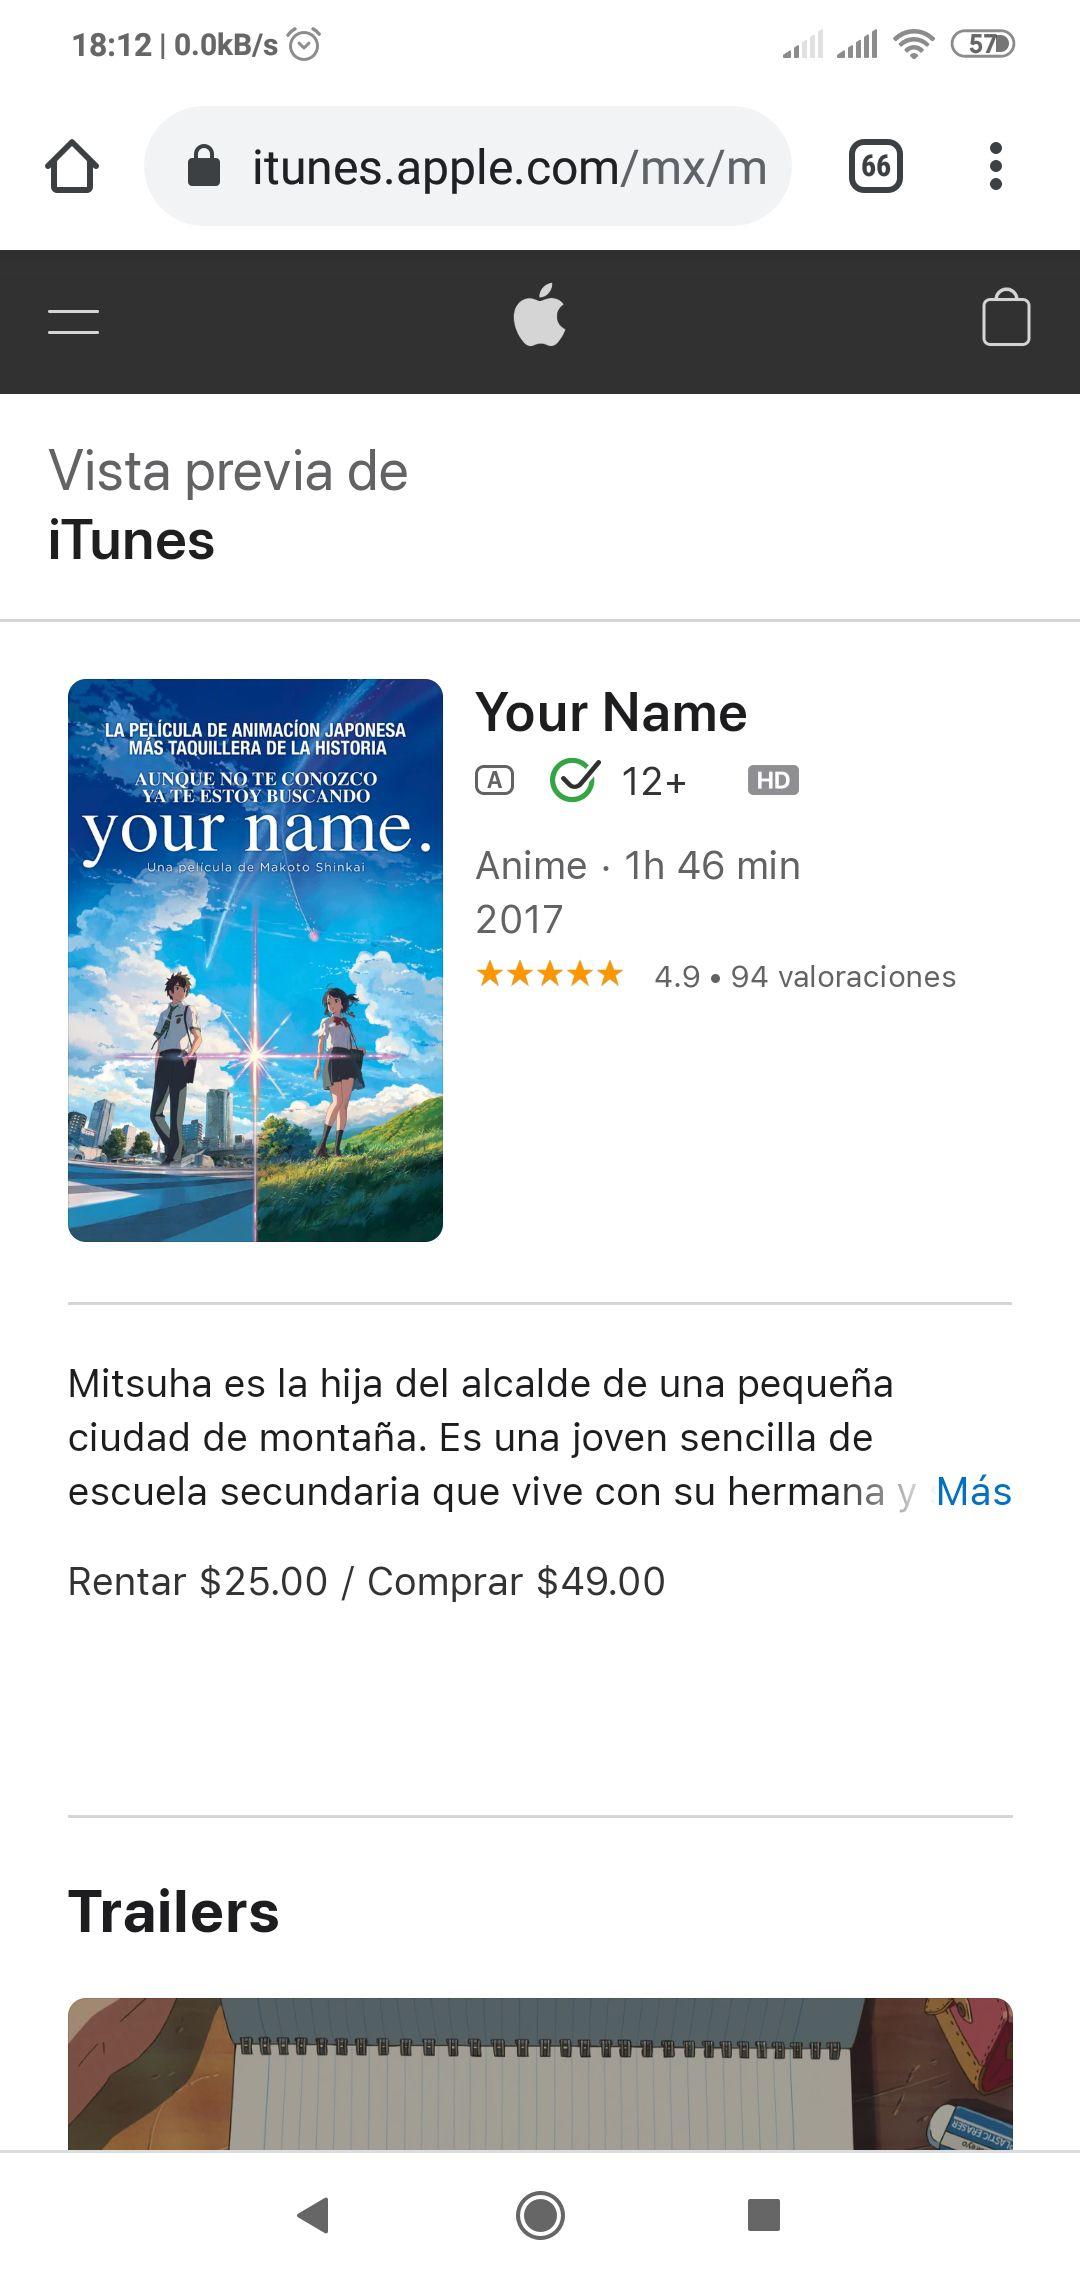 iTunes: Your Name y algunas recomendaciones a buen precio